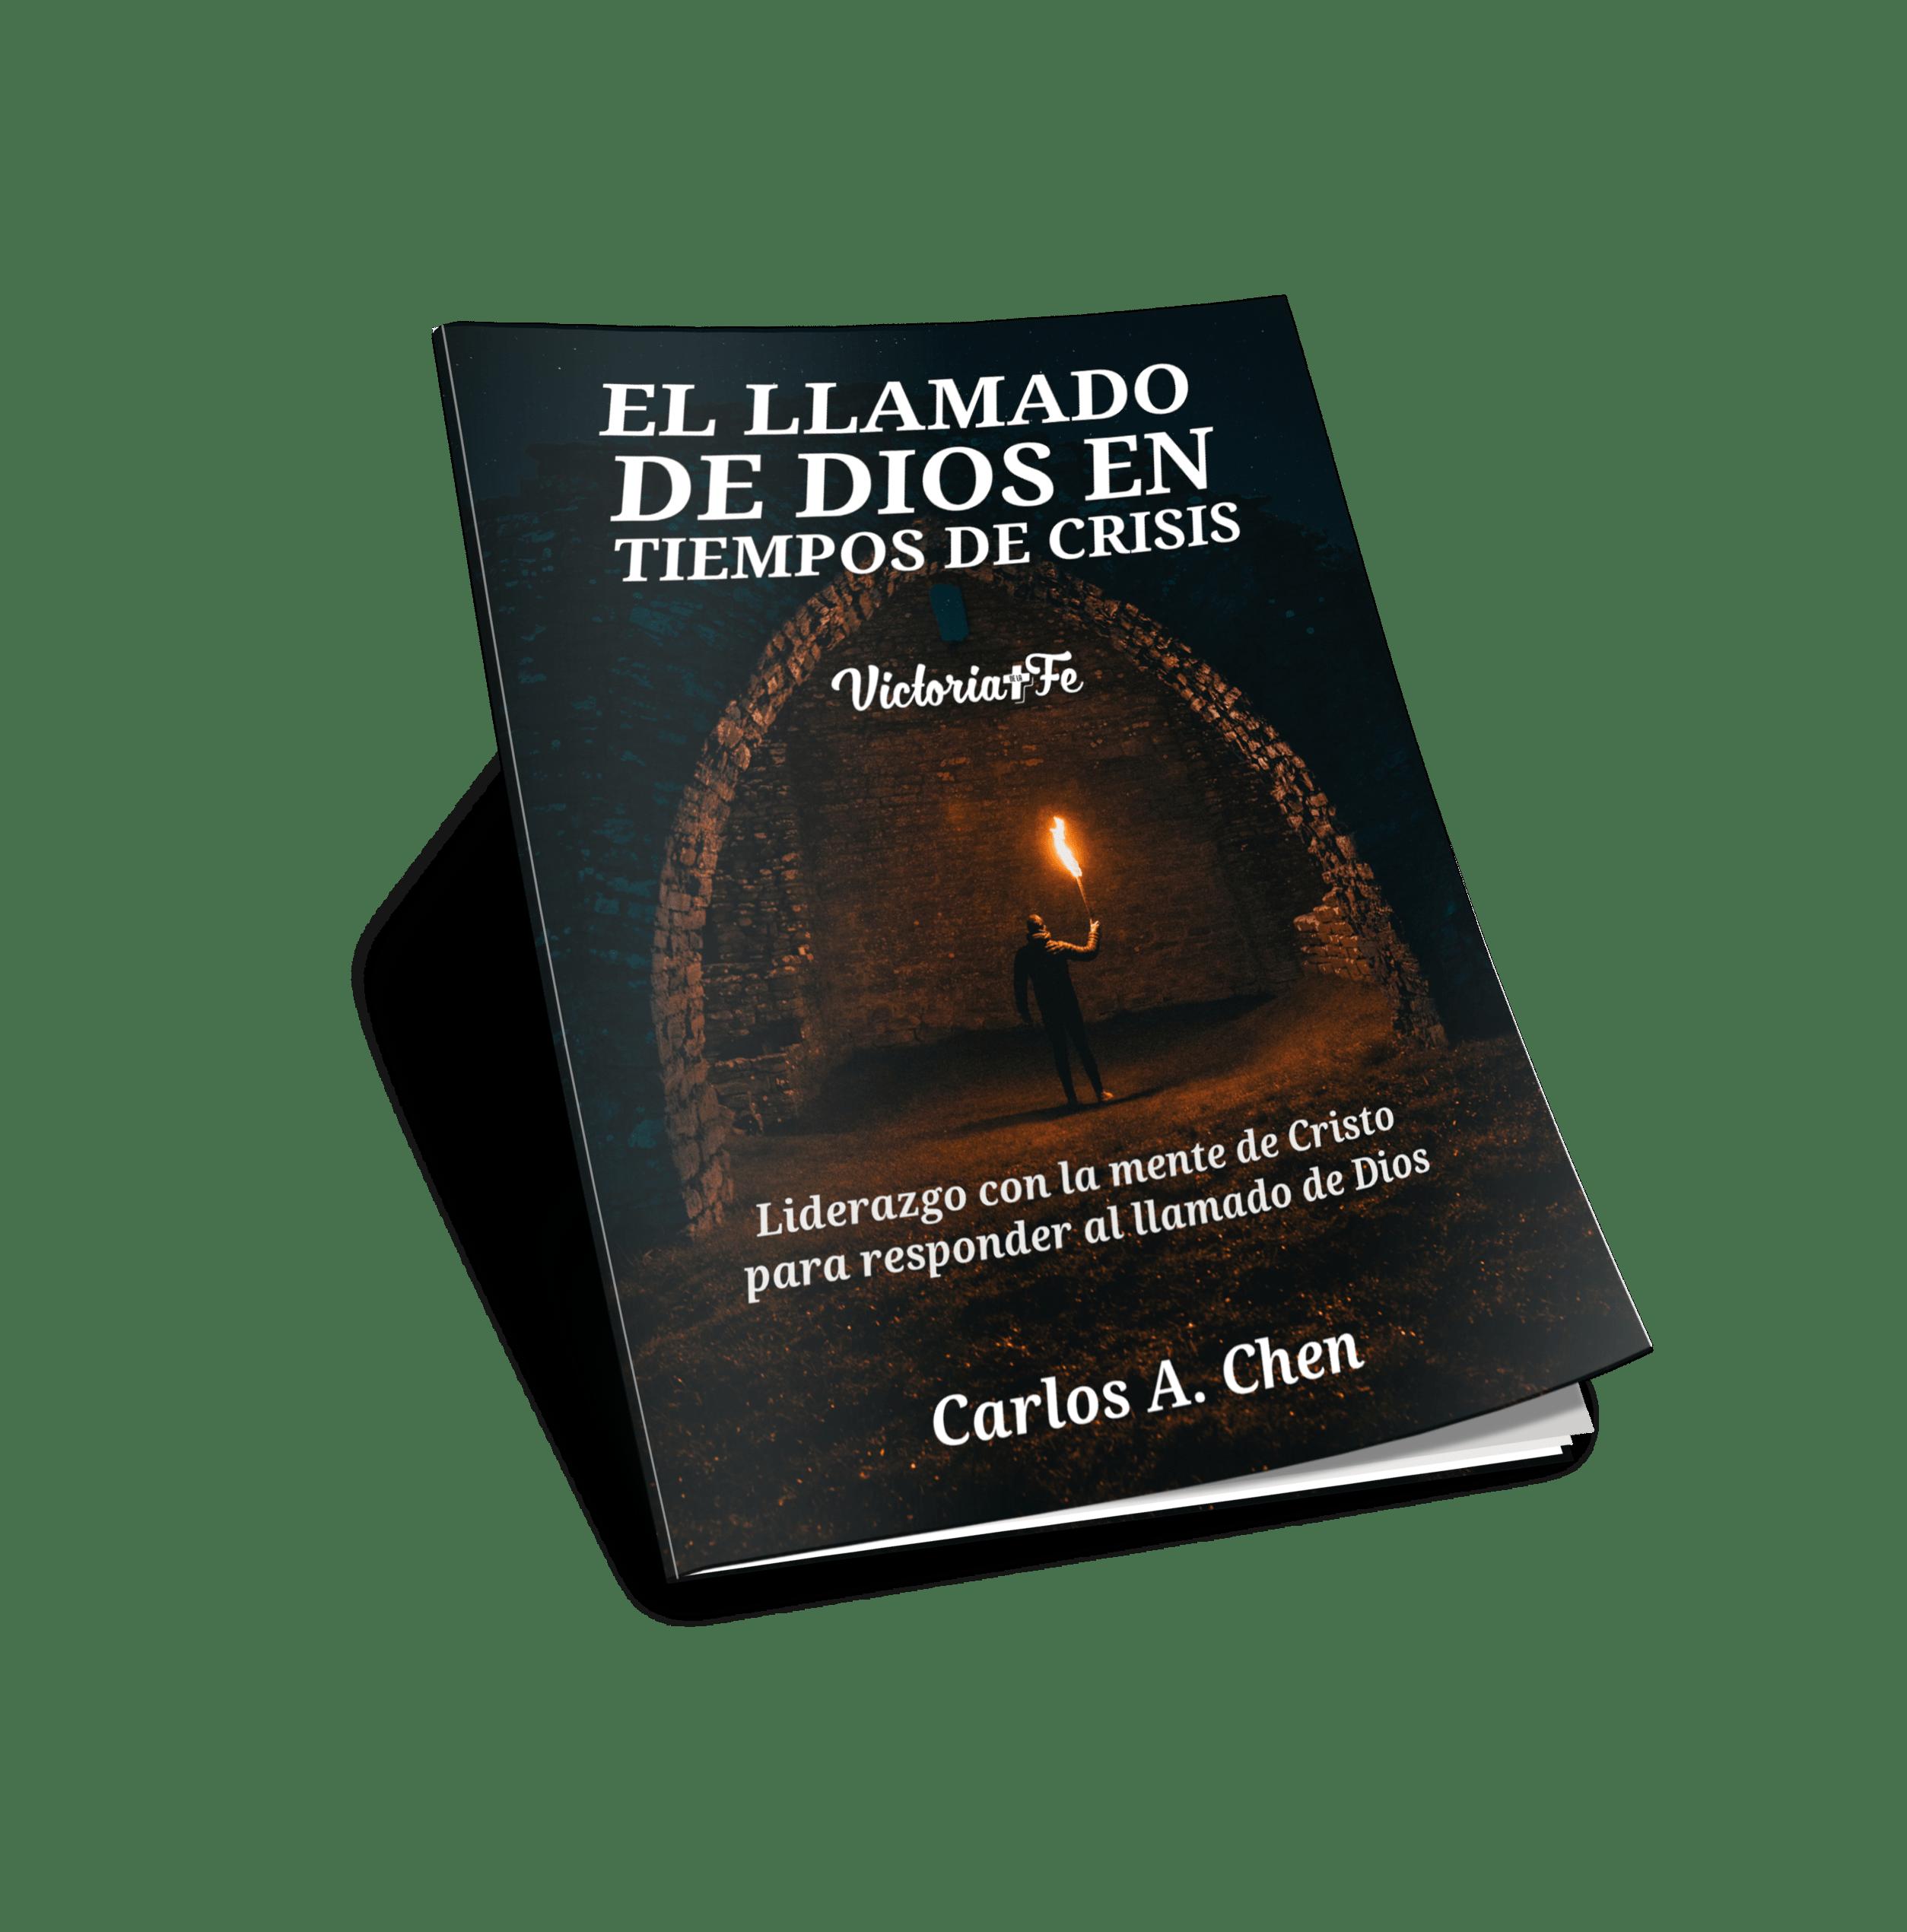 Libro El llamado de Dios en tiempos de crisis